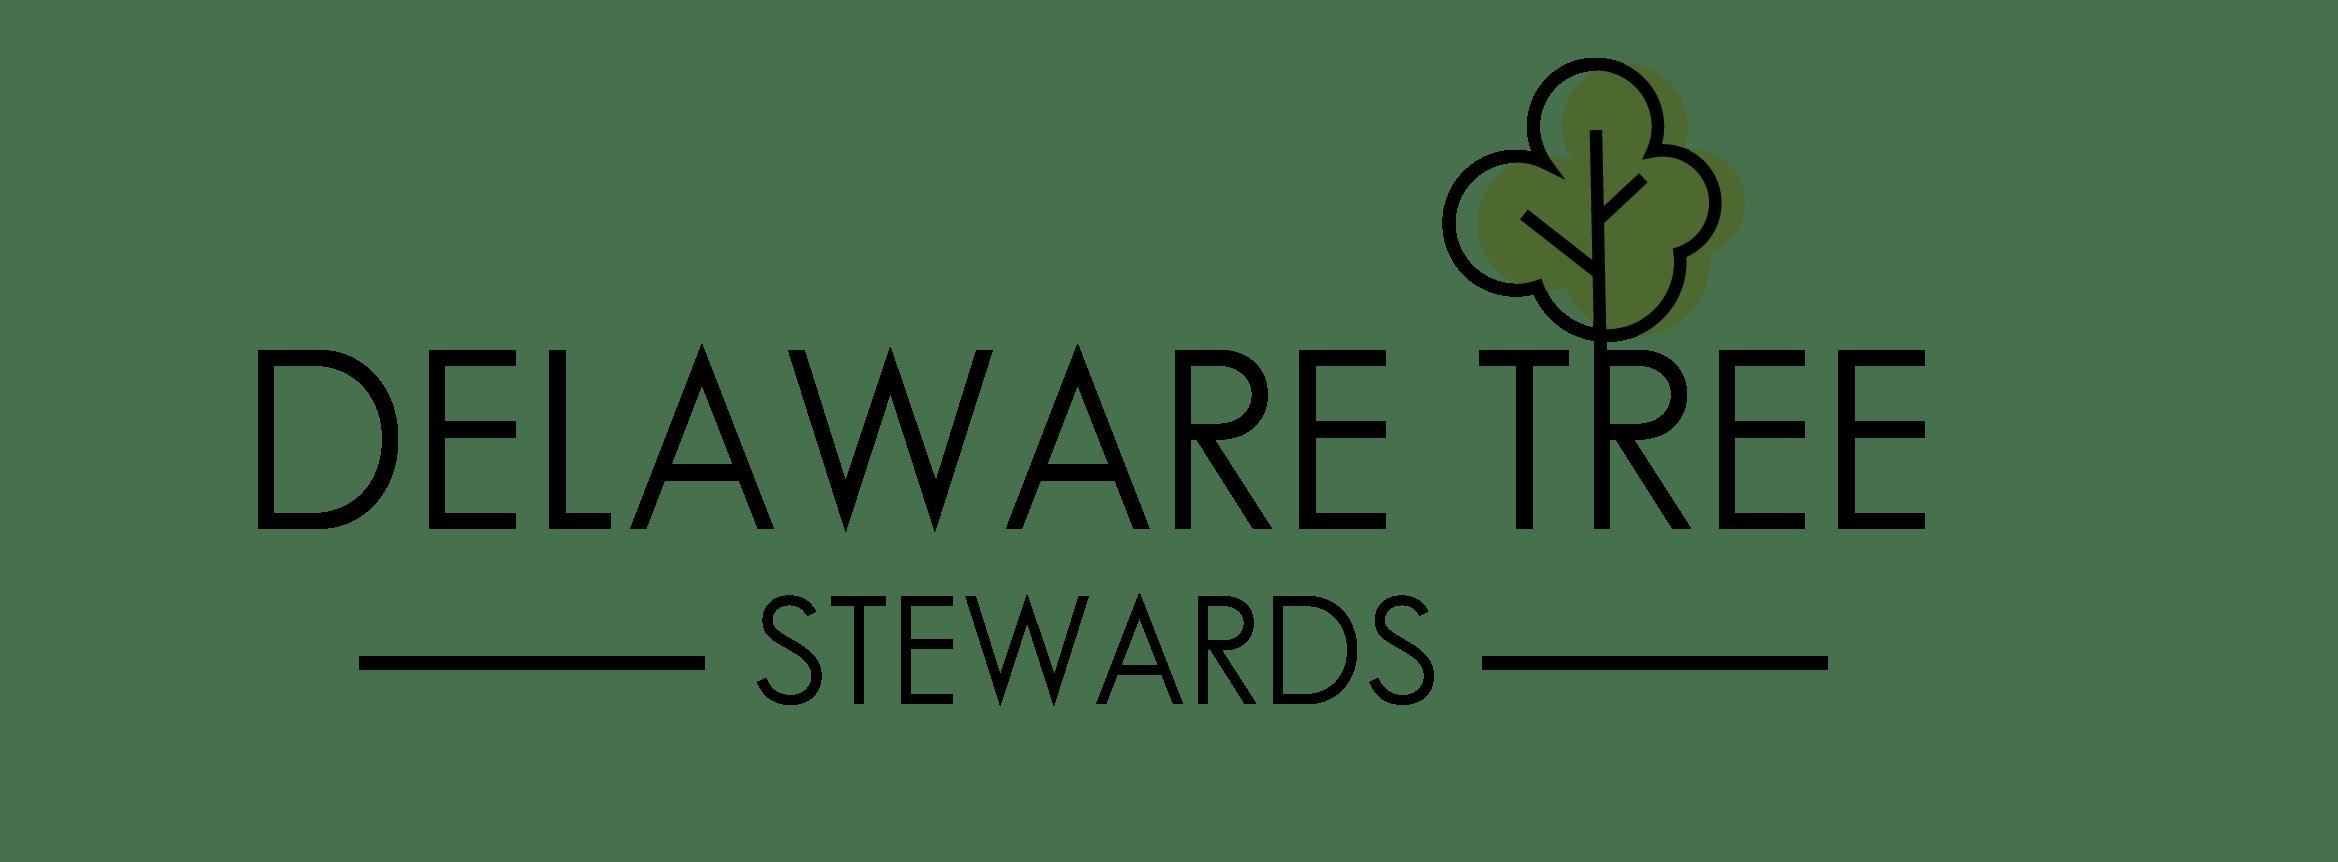 Delaware Tree Stewards